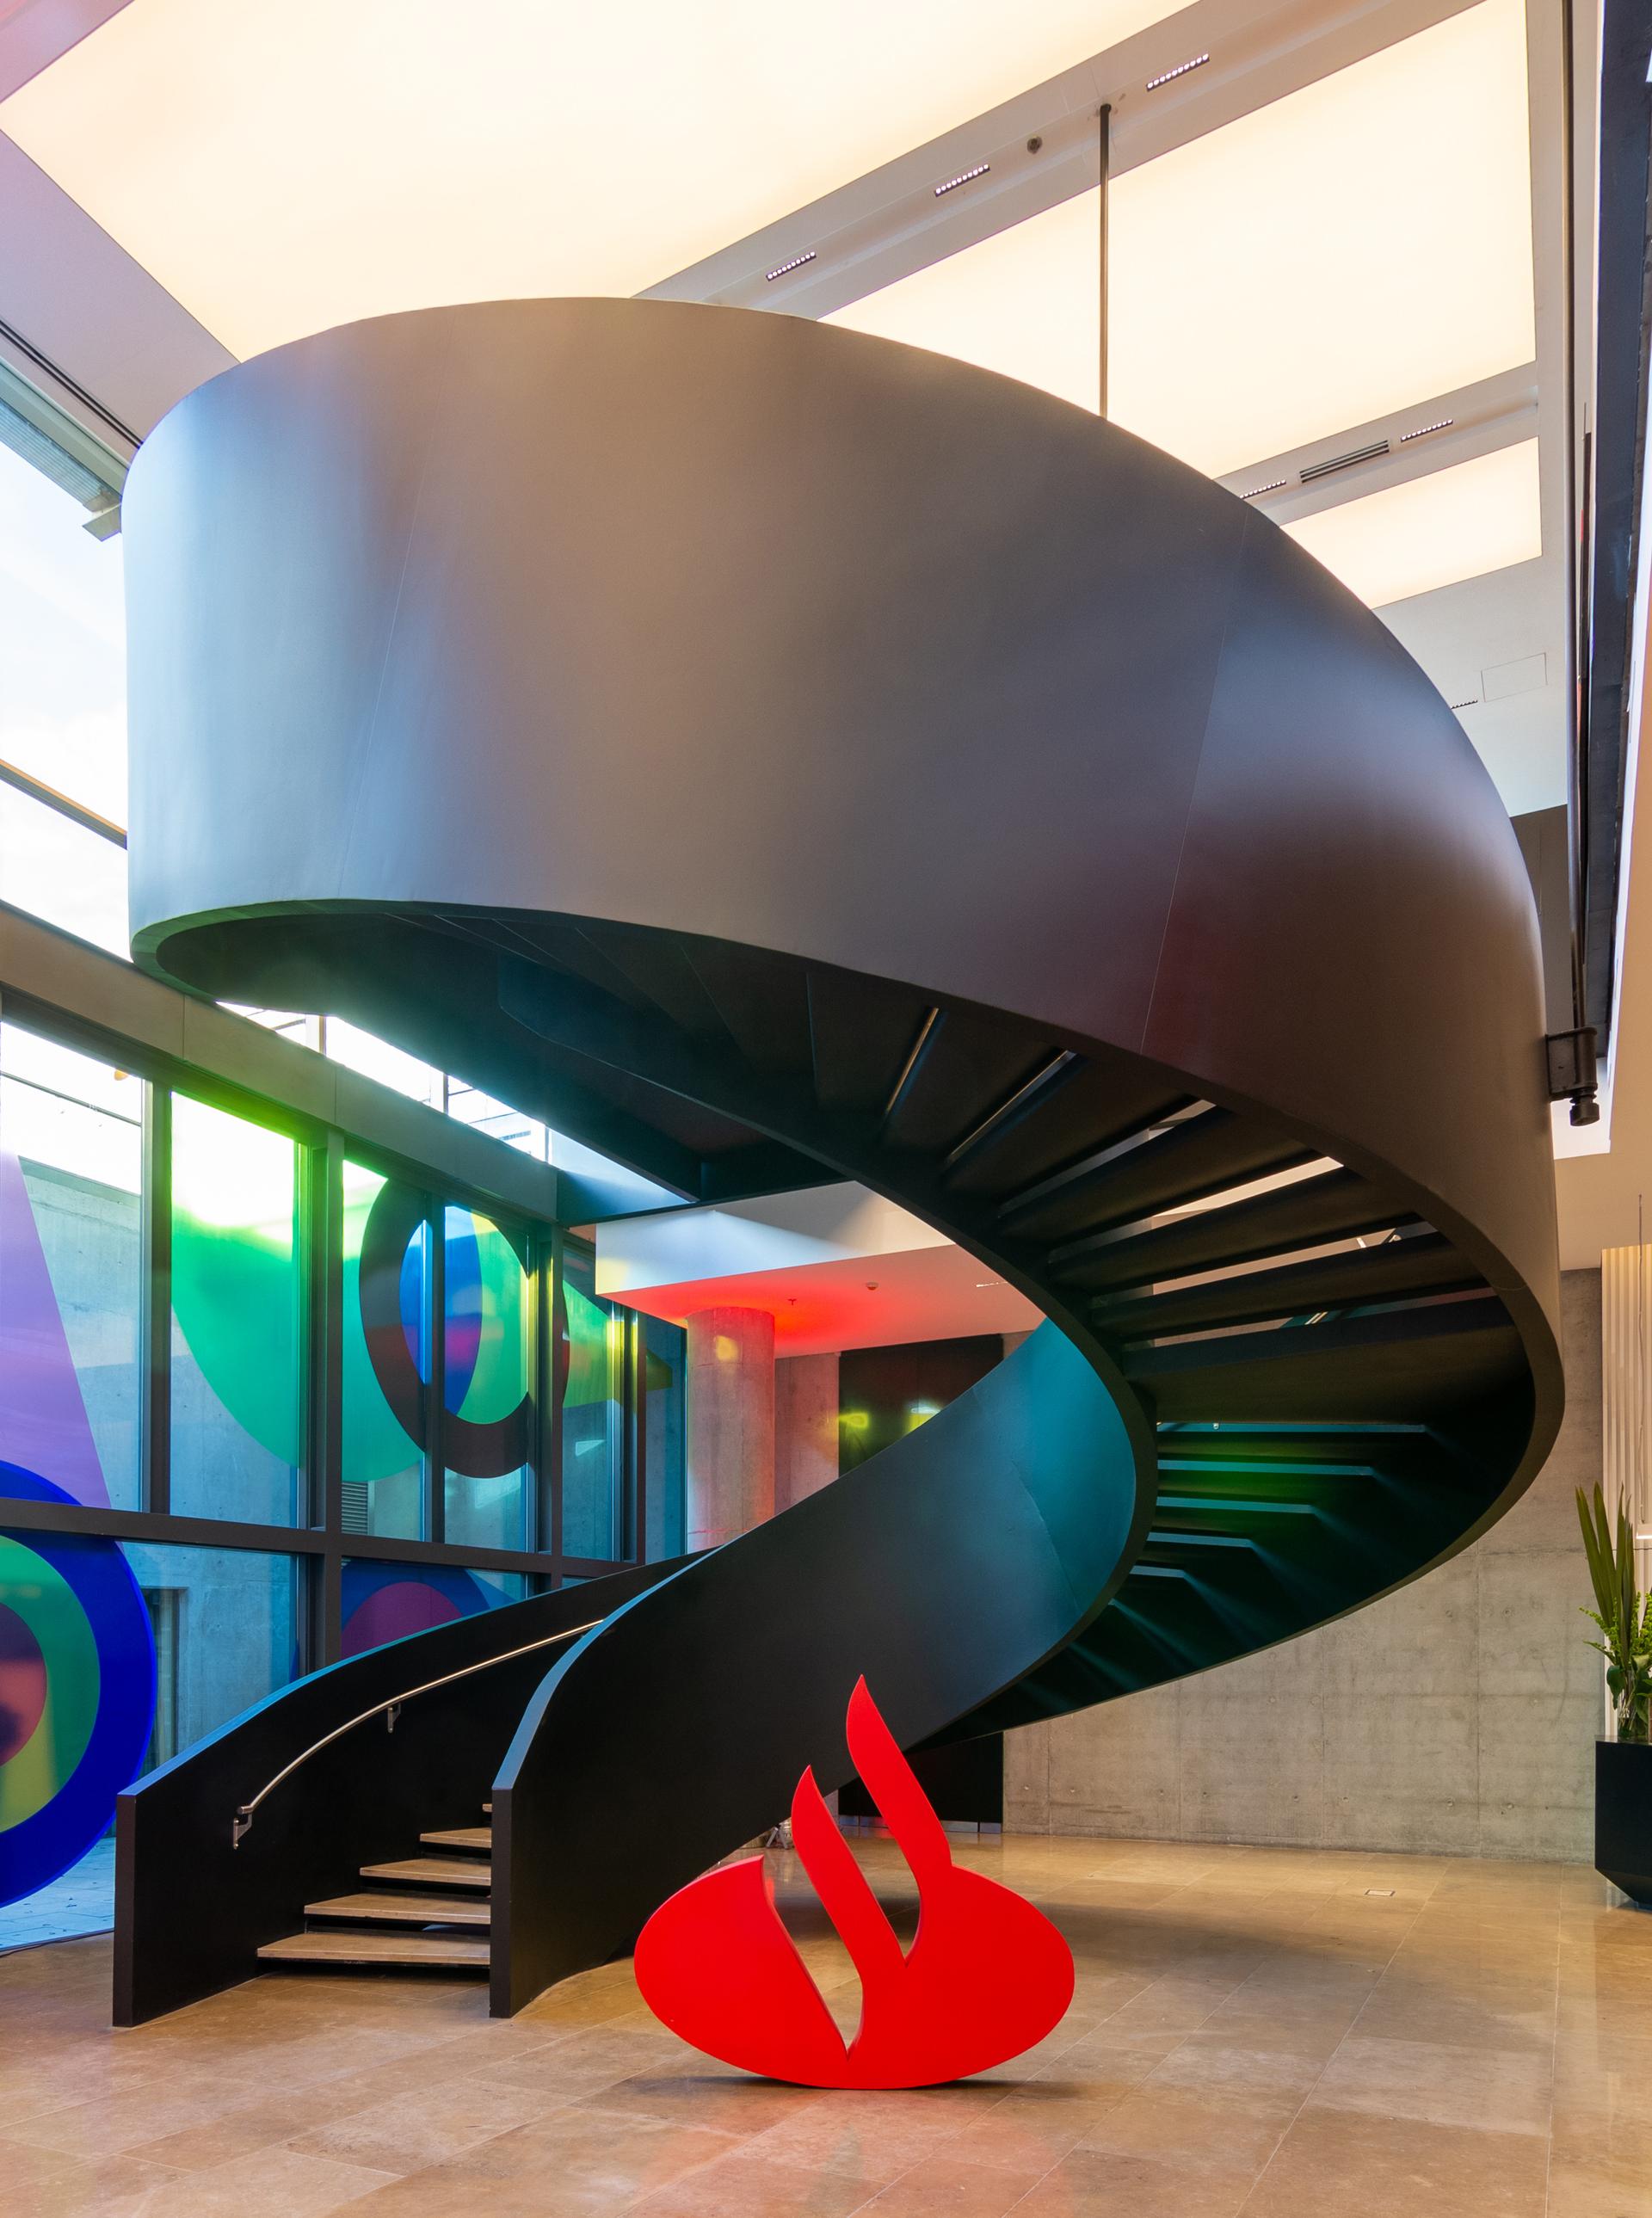 Escalera de acceso al primer piso, donde está ubicado el Work Café, de acceso público.